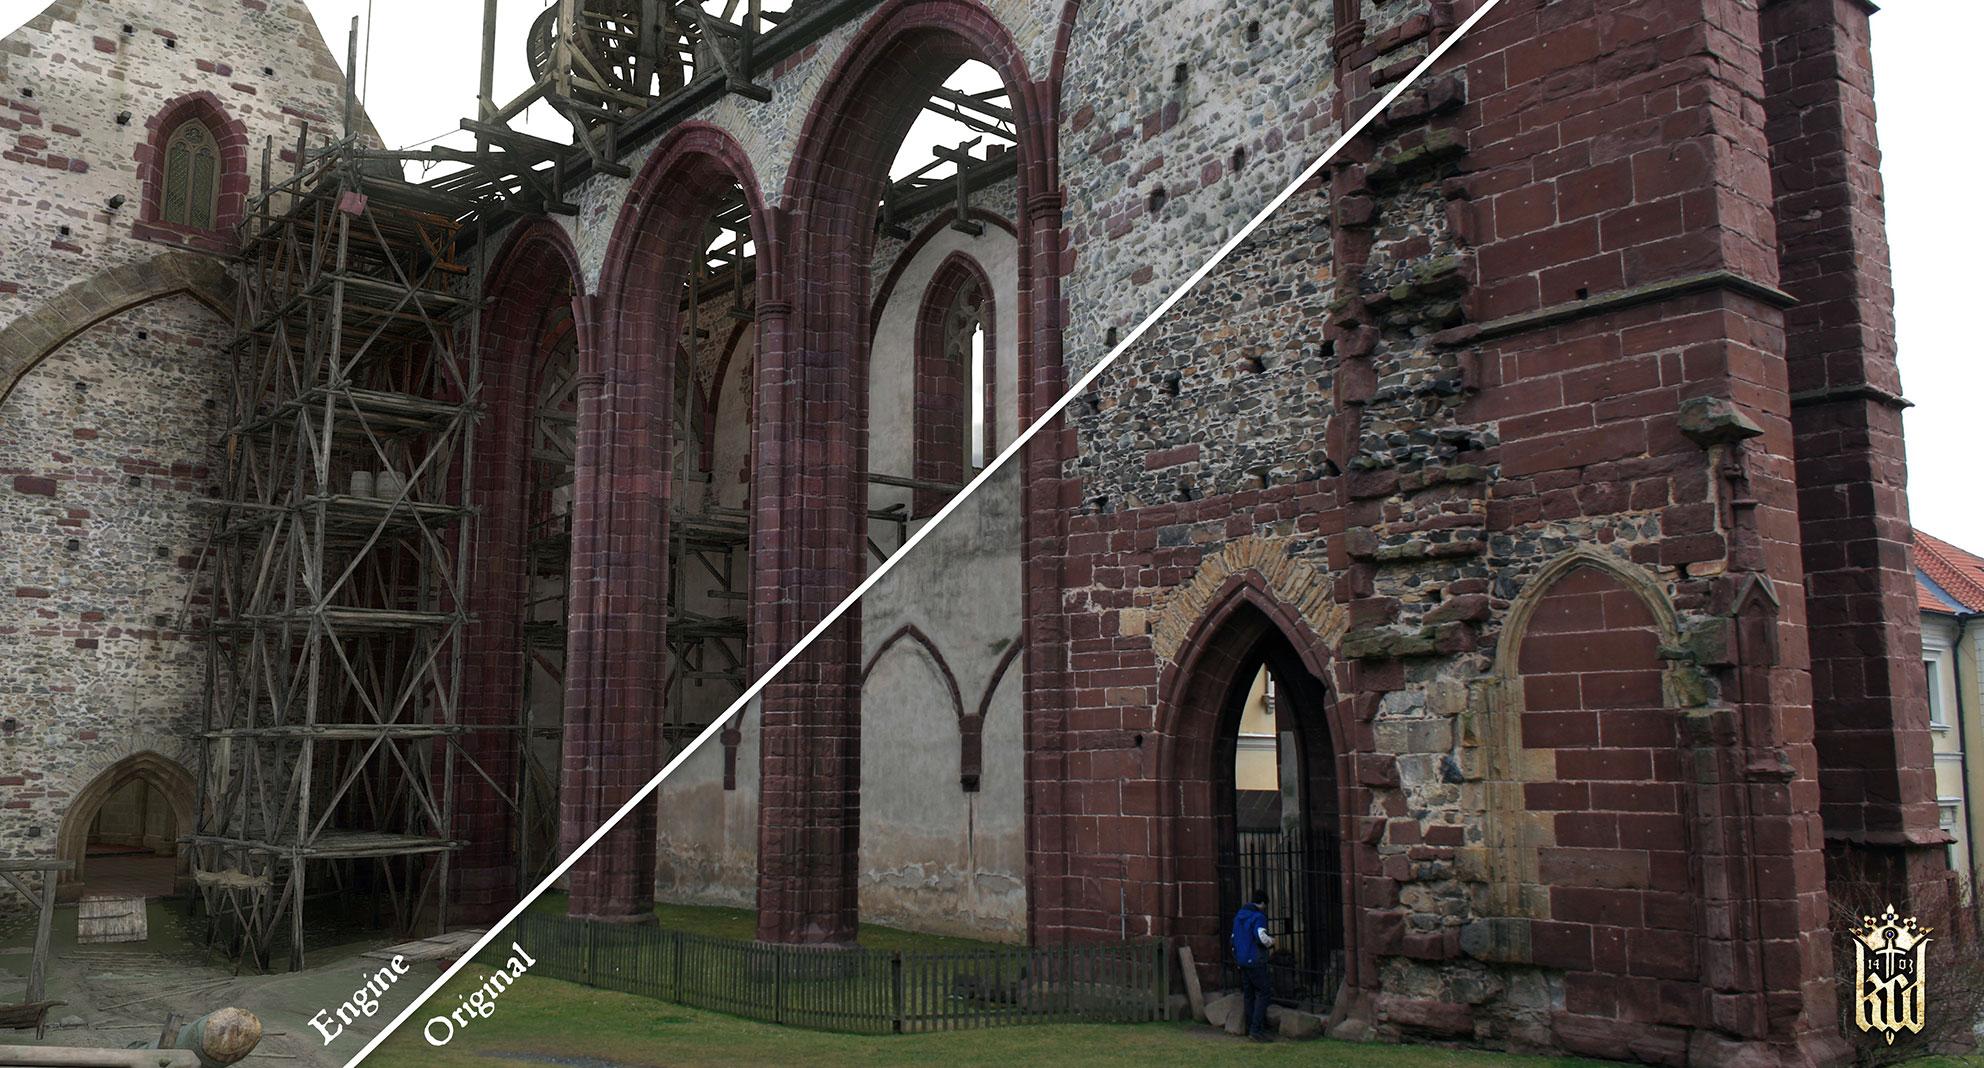 Bei Gestaltung bekannter Burgen, Kathedralen und anderer Gebäude ging man besonders genau vor.